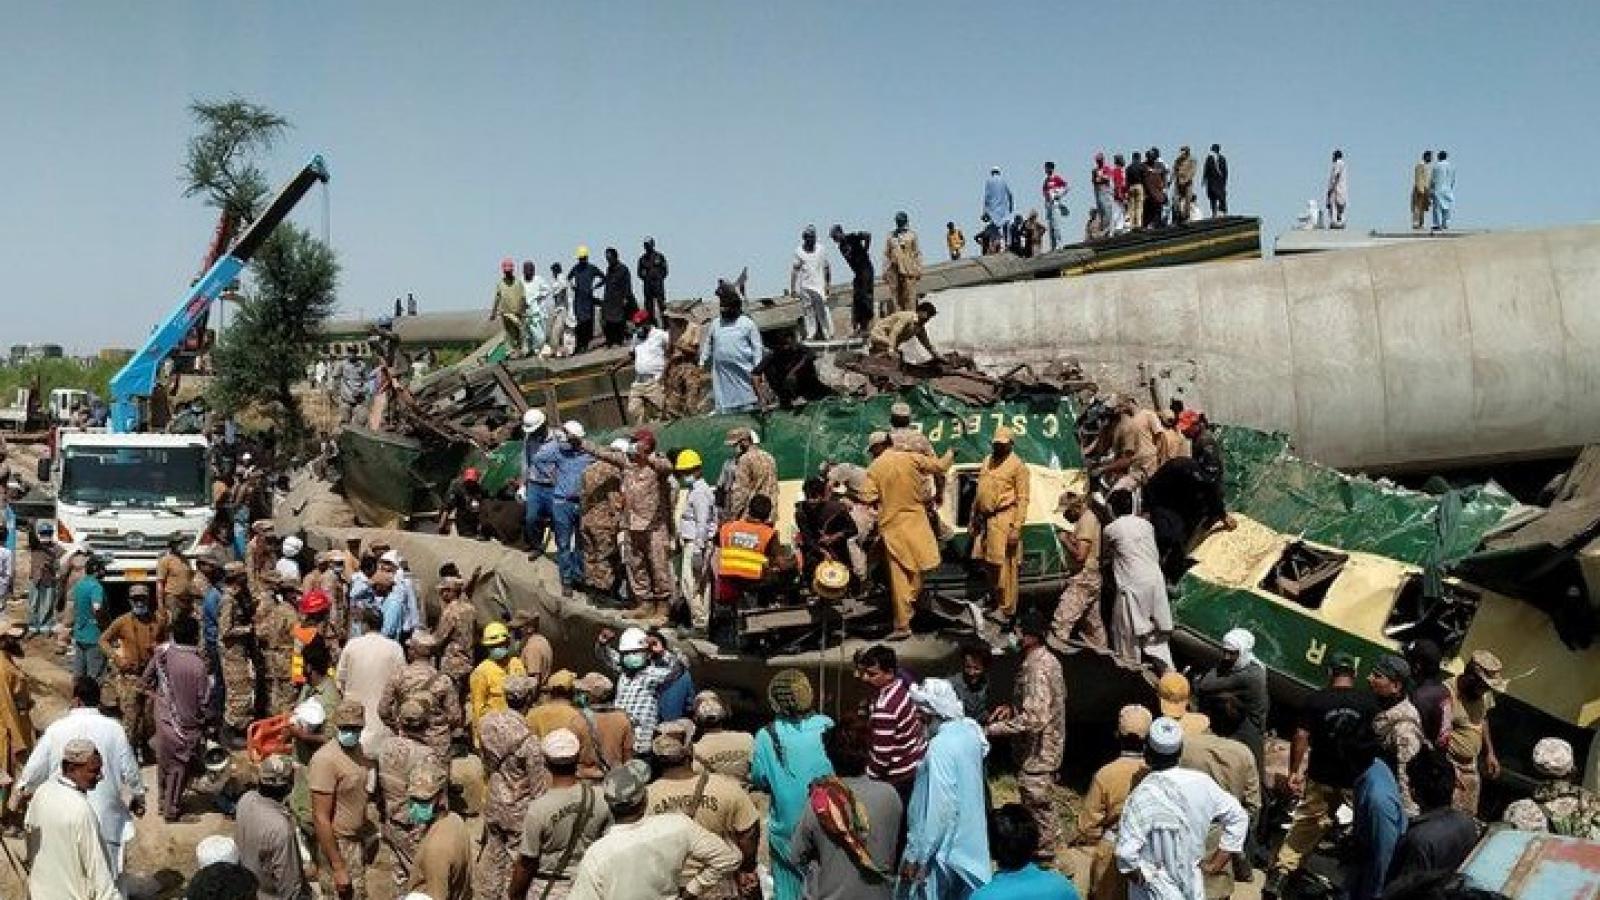 Vụ tai nạn tàu cao tốc ở Pakistan: Số người chết tăng lên 62